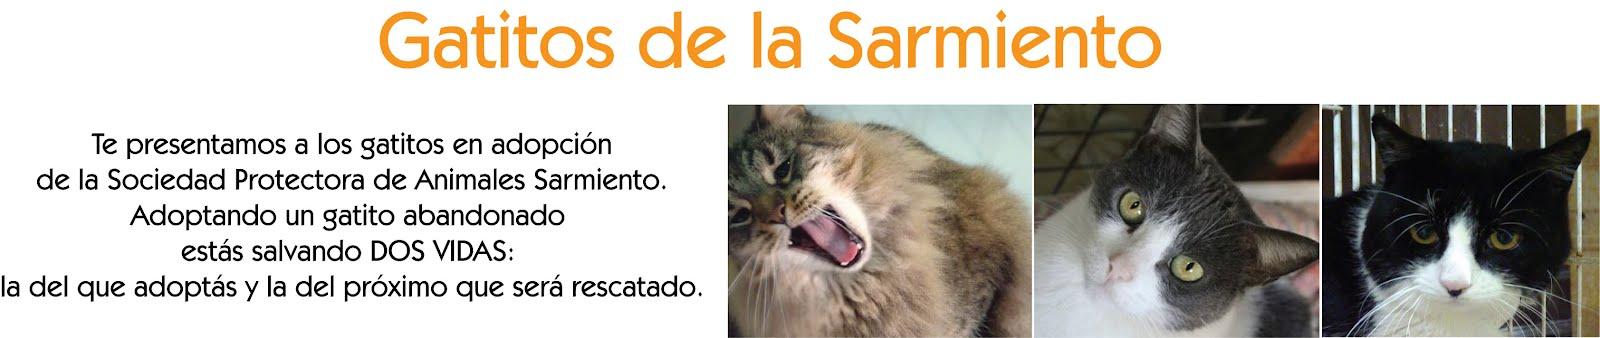 Gatitos de la Sarmiento